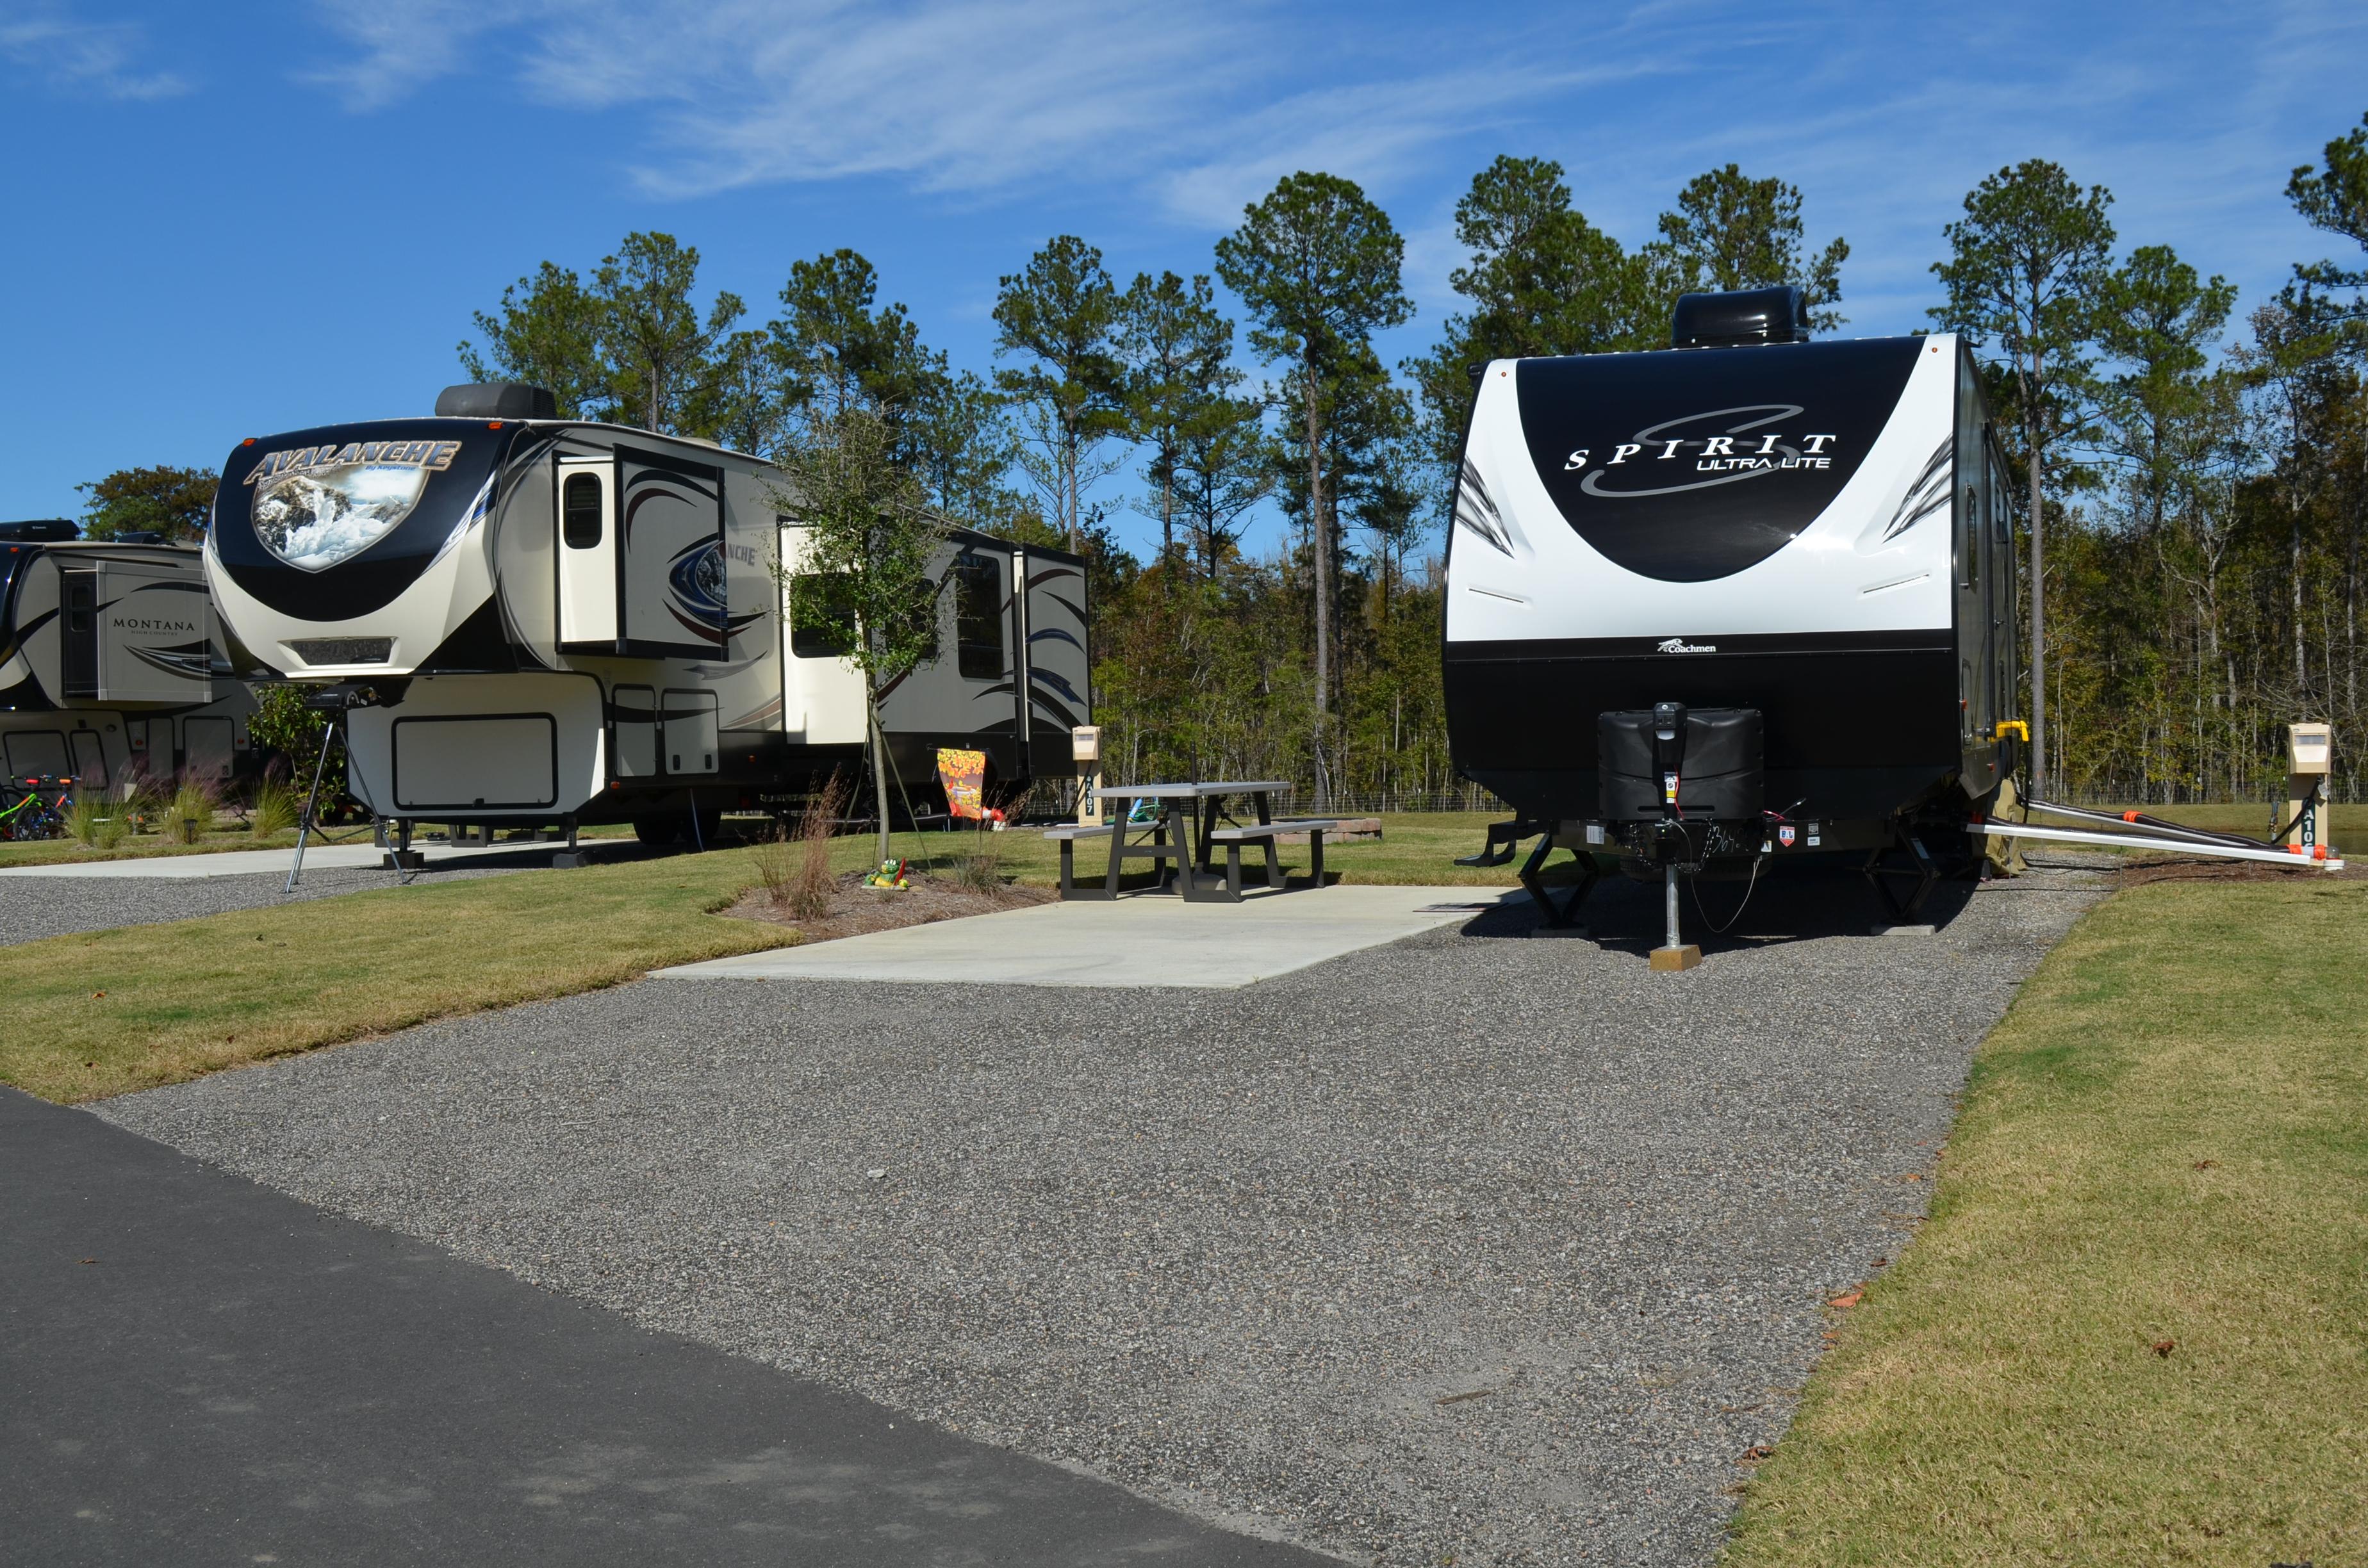 Back in, full hookup RV sites at Carolina Pines RV Resort near Myrtle Beach, South Carolina